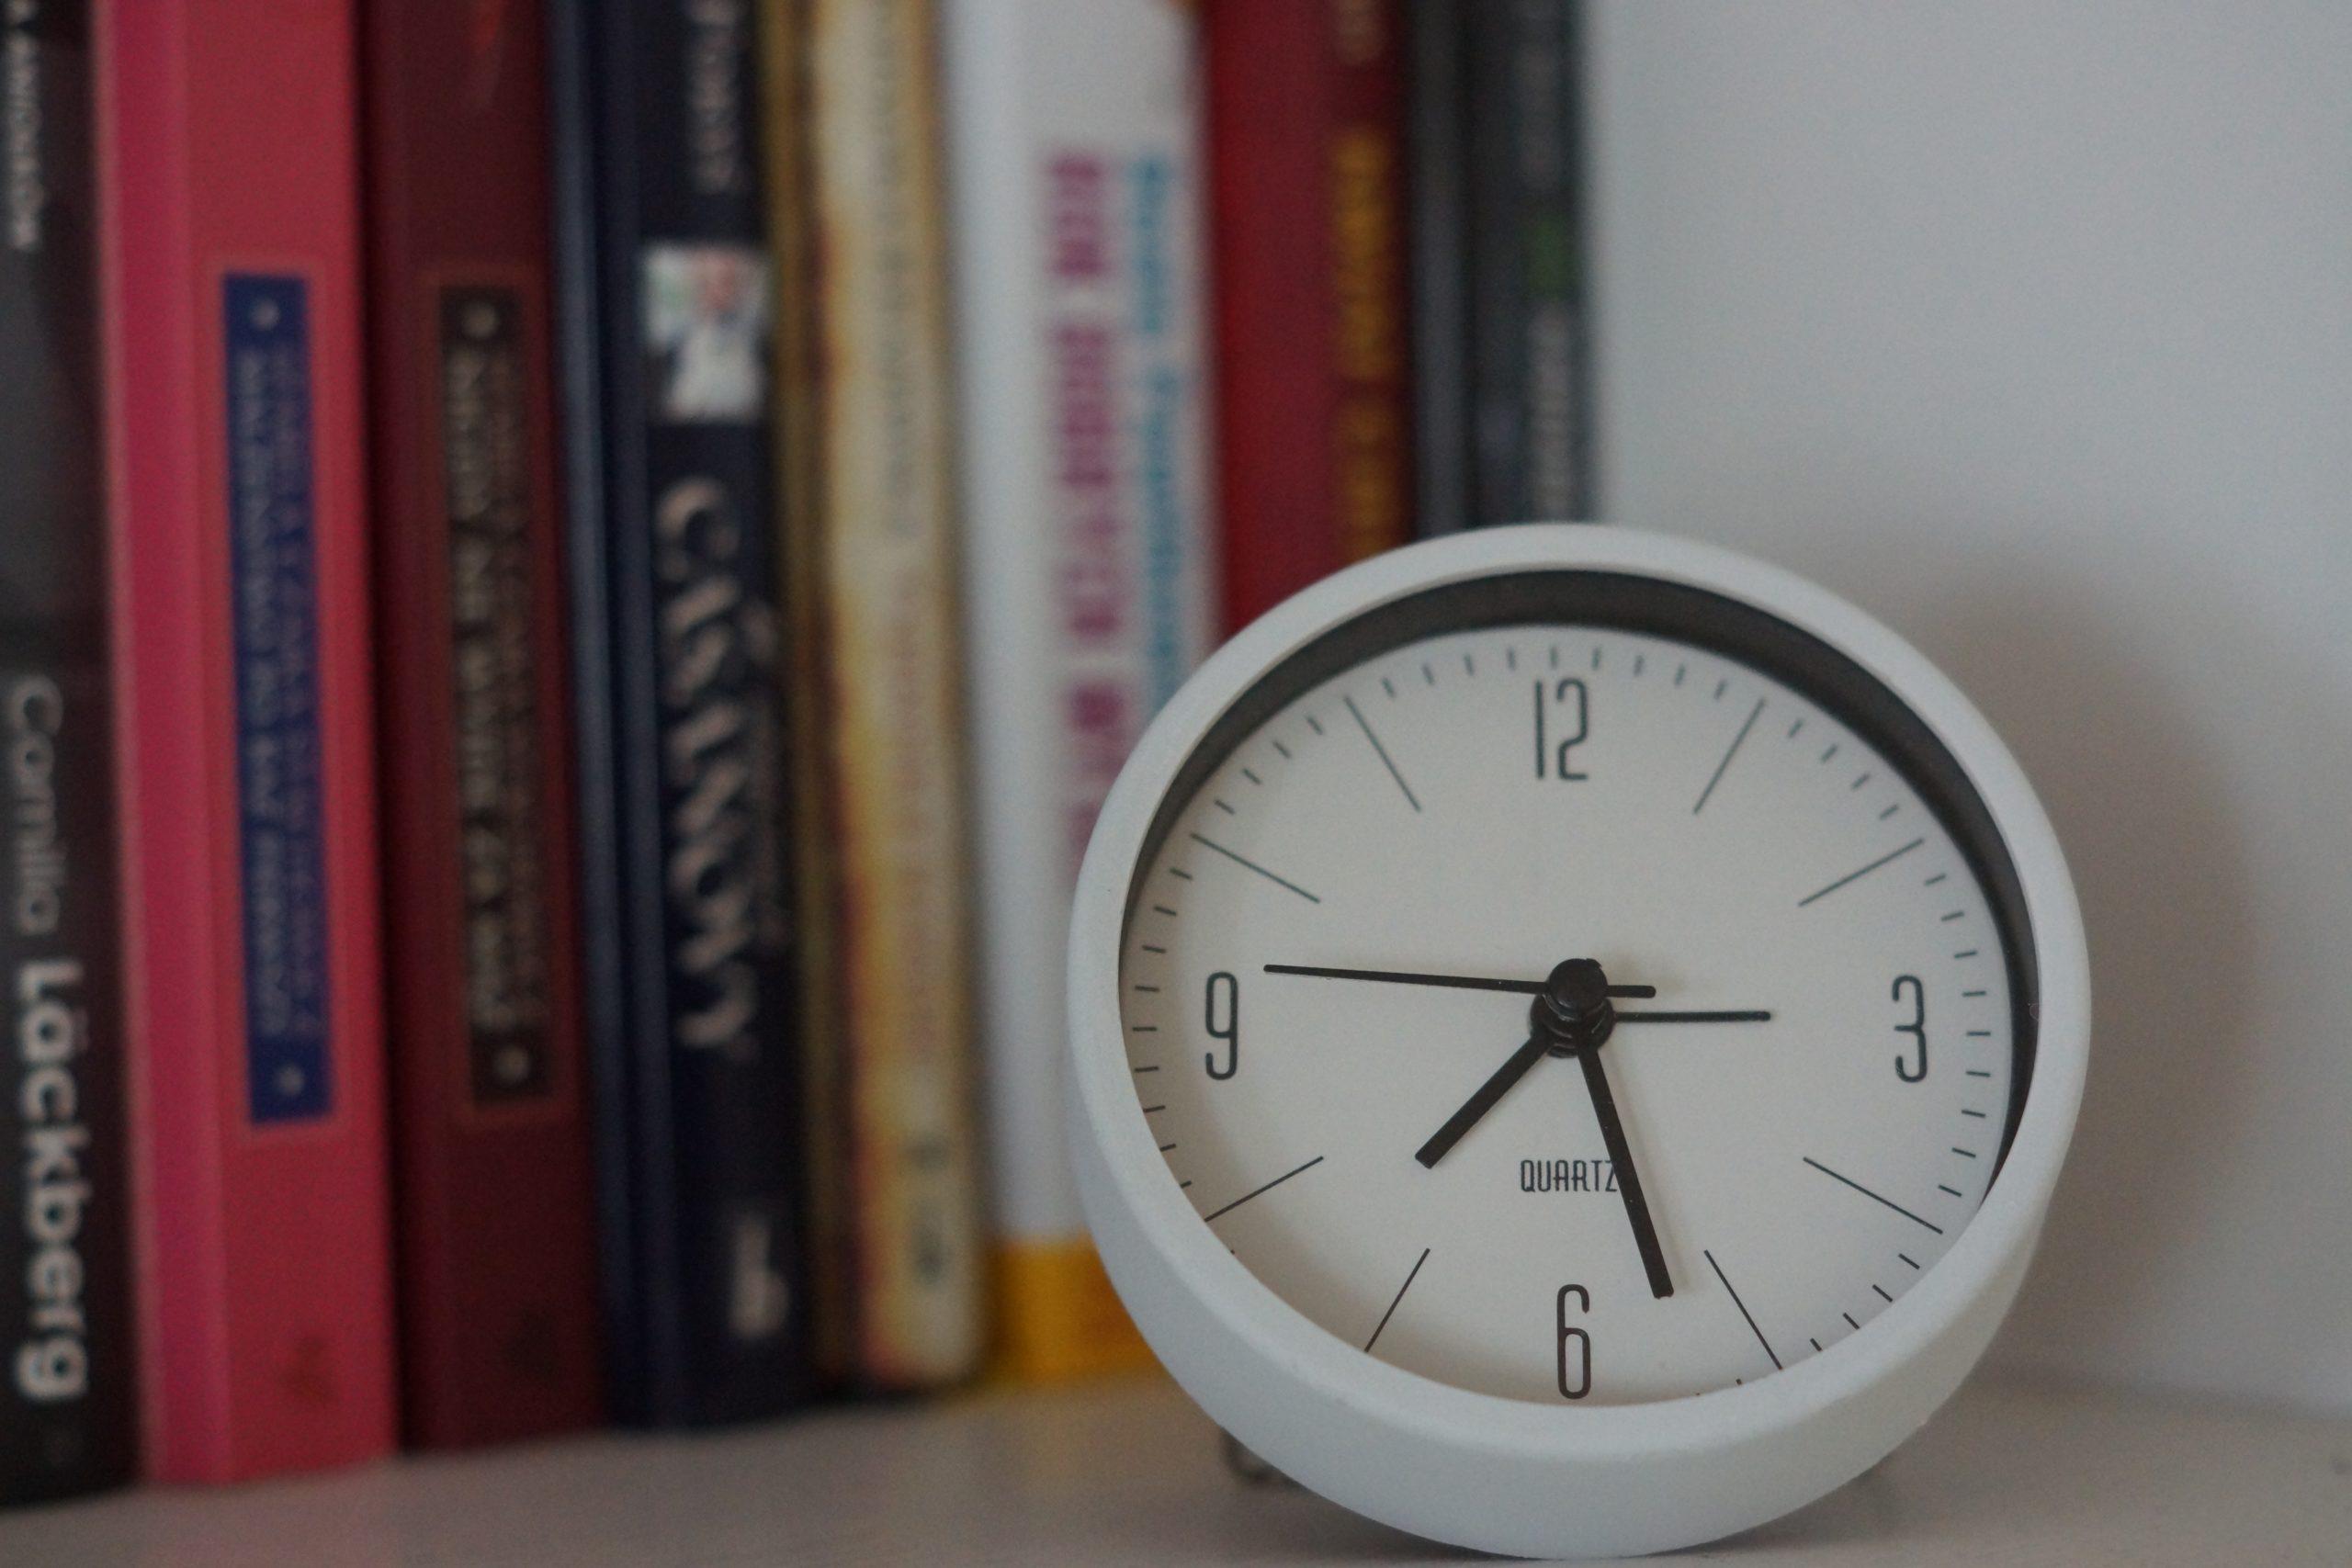 biały zegar, w tle książki